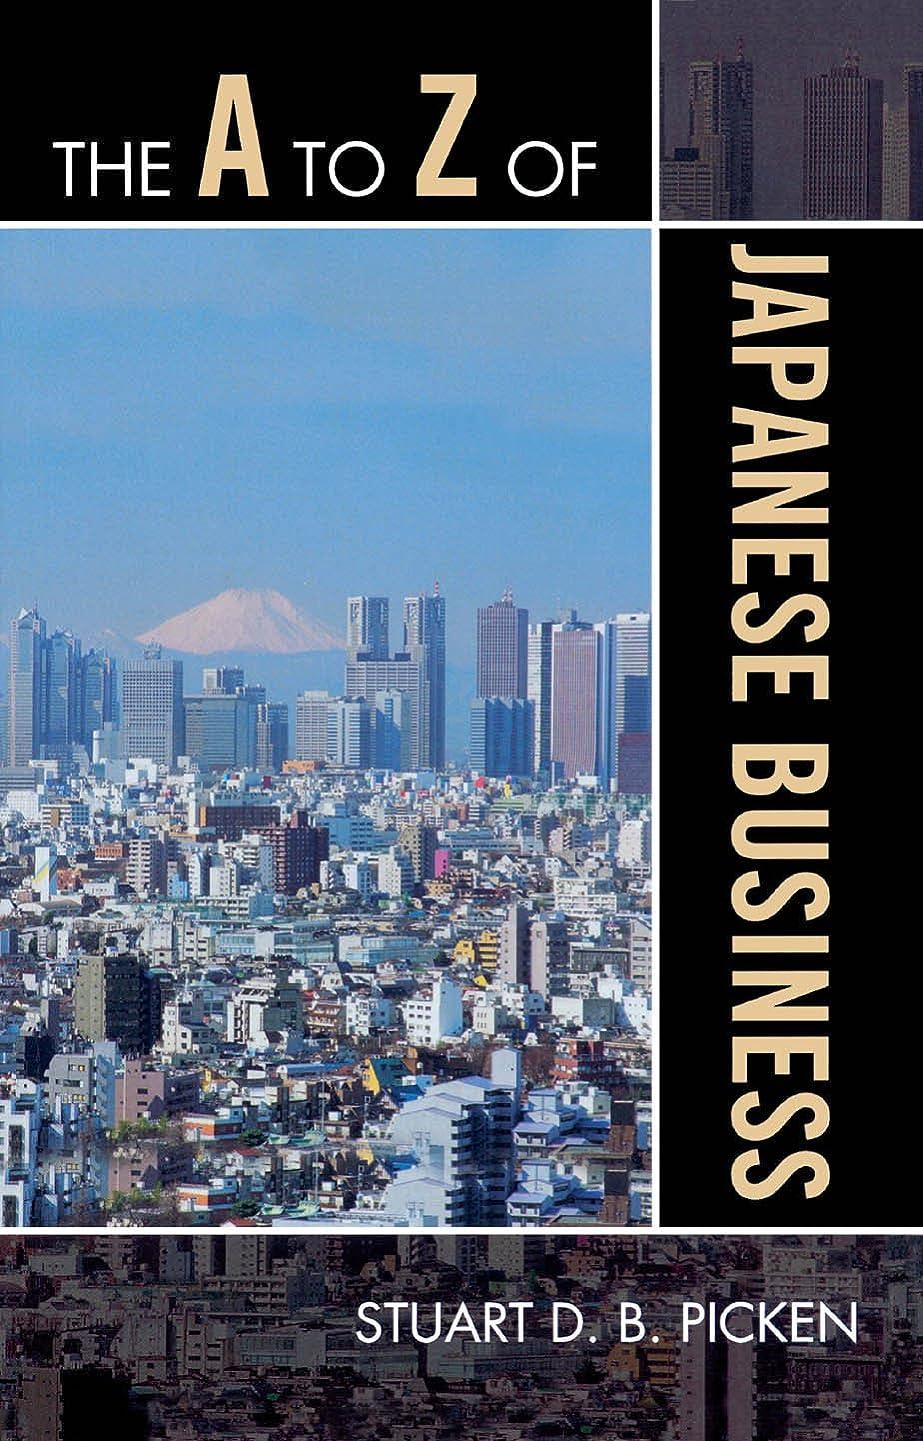 パケット舗装する微弱The A to Z of Japanese Business (The A to Z Guide Series Book 85) (English Edition)